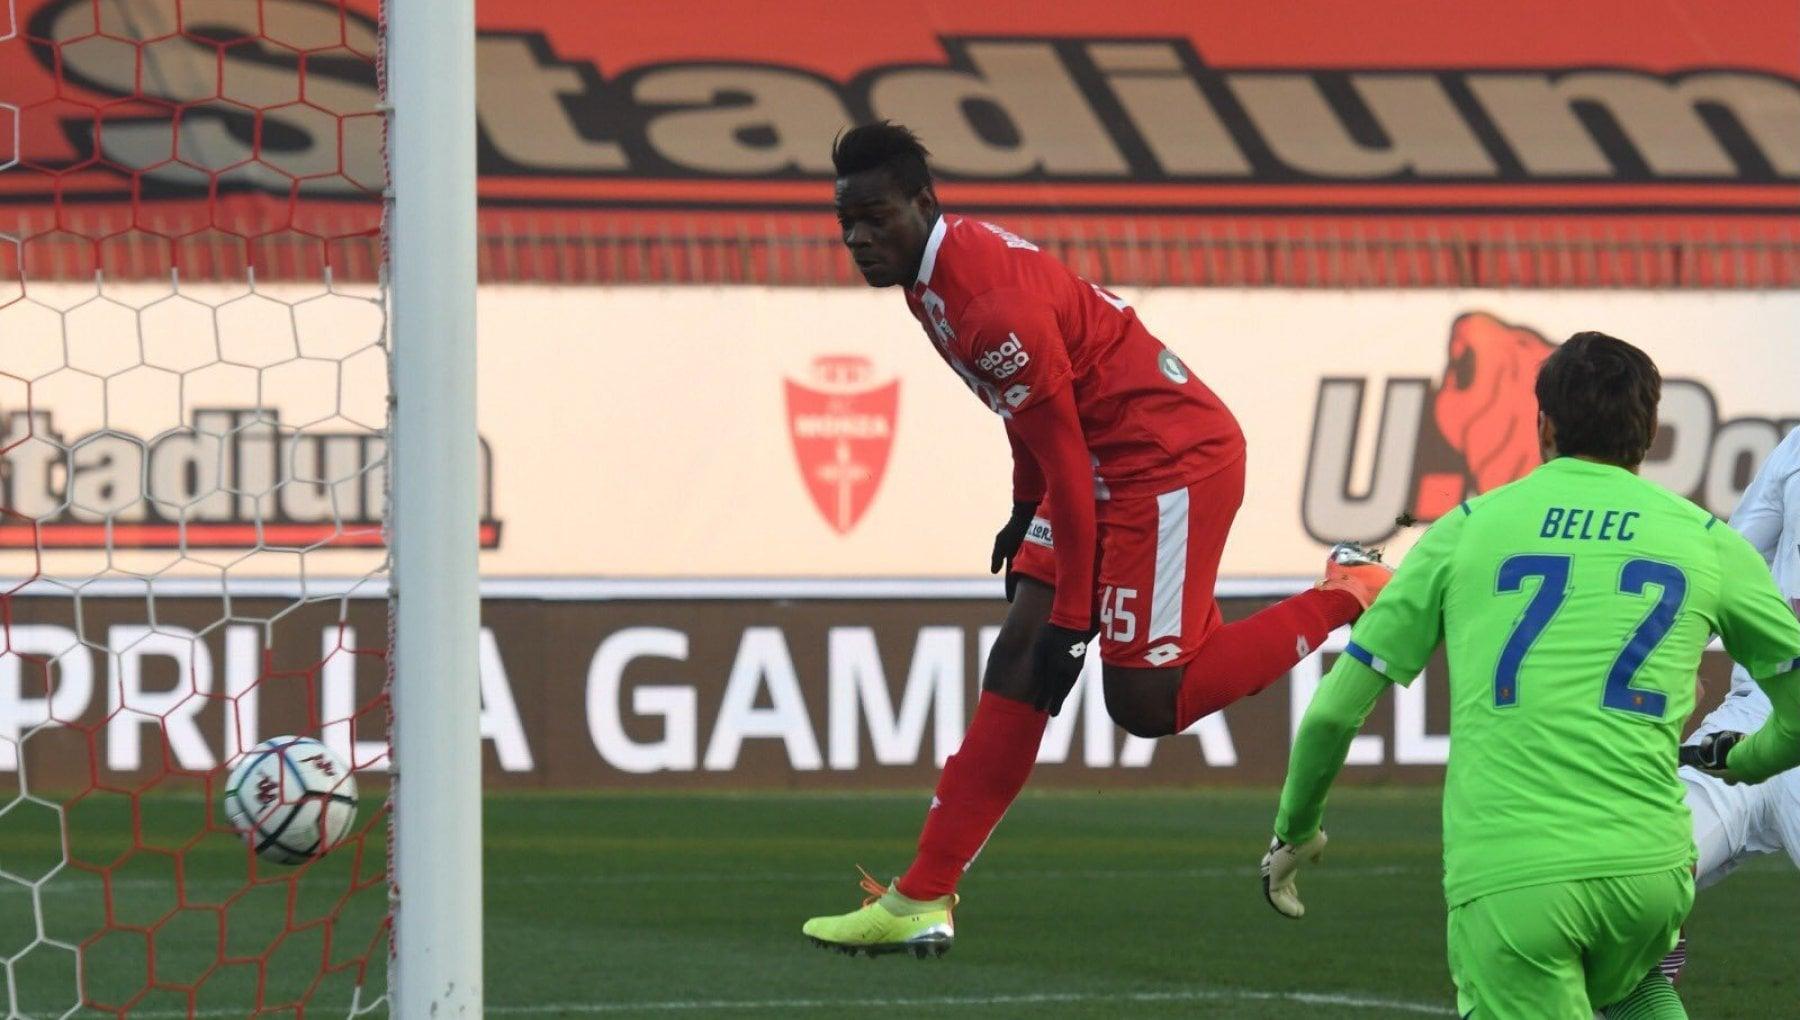 Il Balotelli ritrovato lultimissima occasione di Super Mario comincia con il gol